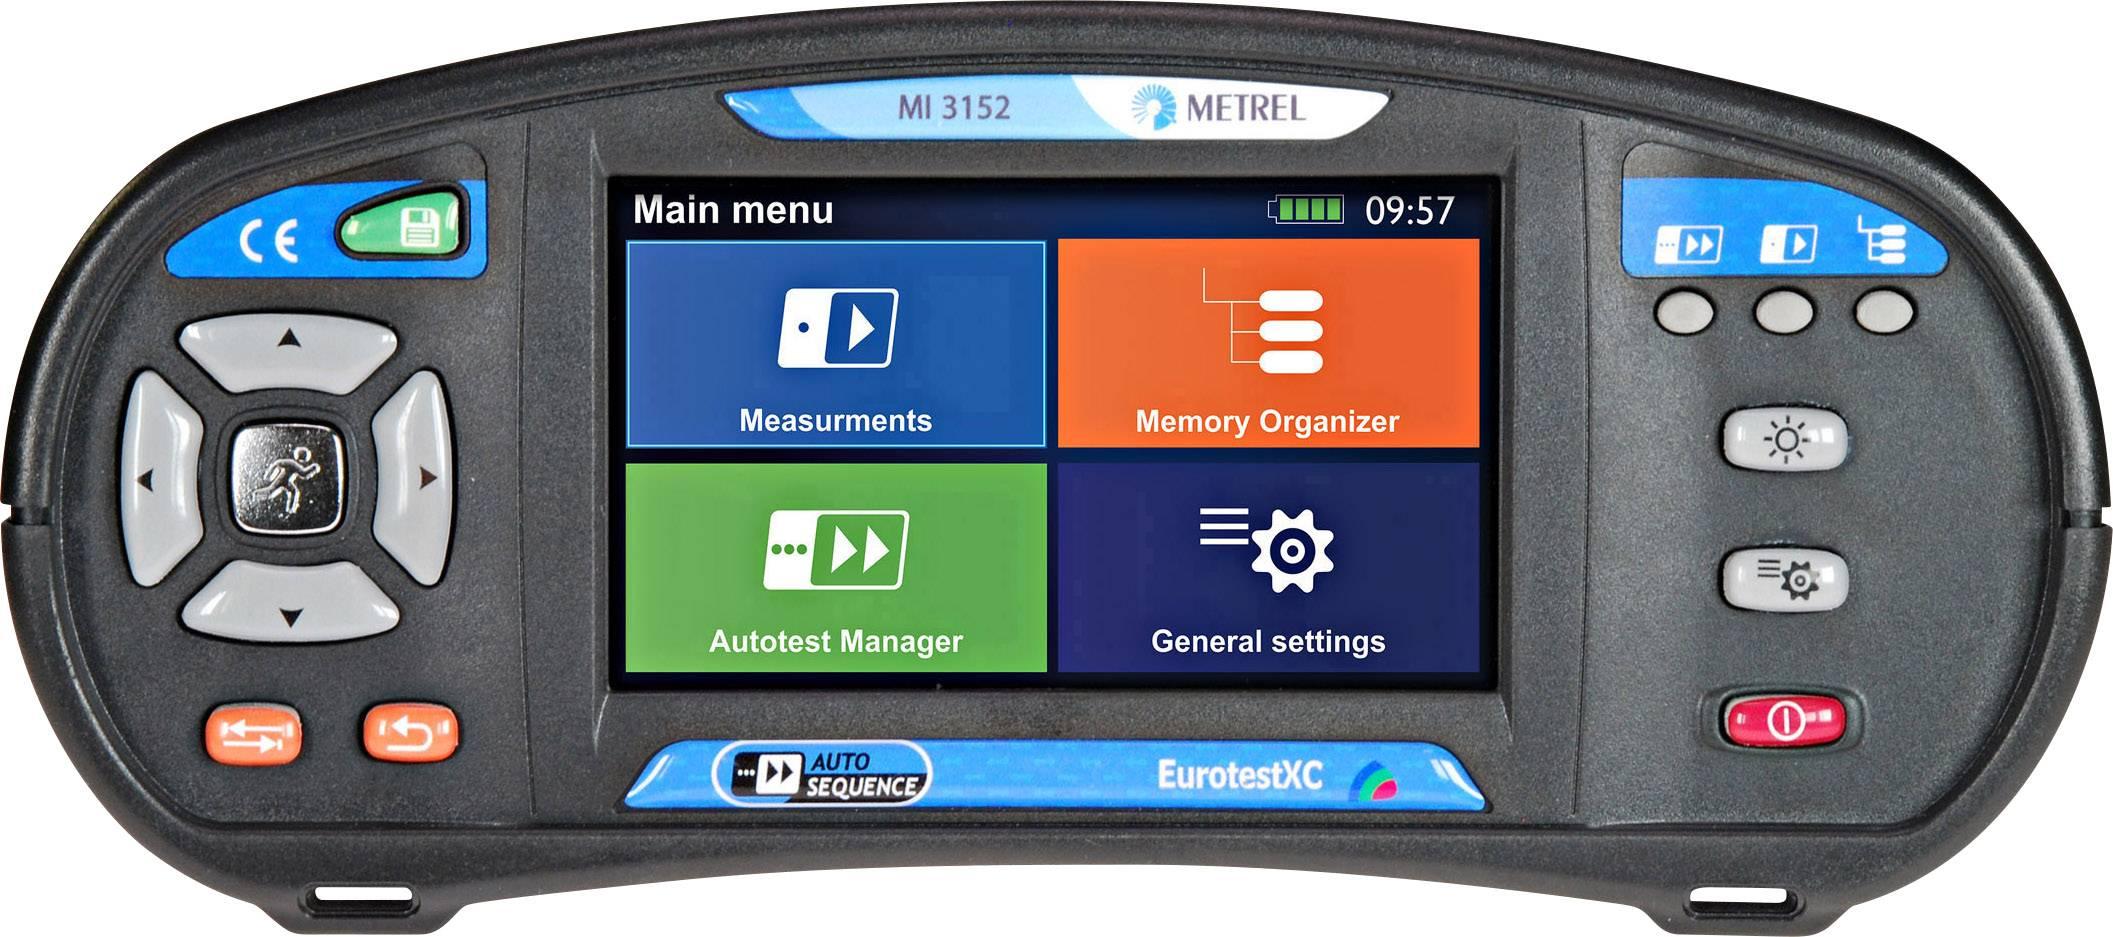 VDE tester Metrel EUROTEST XC 20992434, kalibrácia podľa ISO